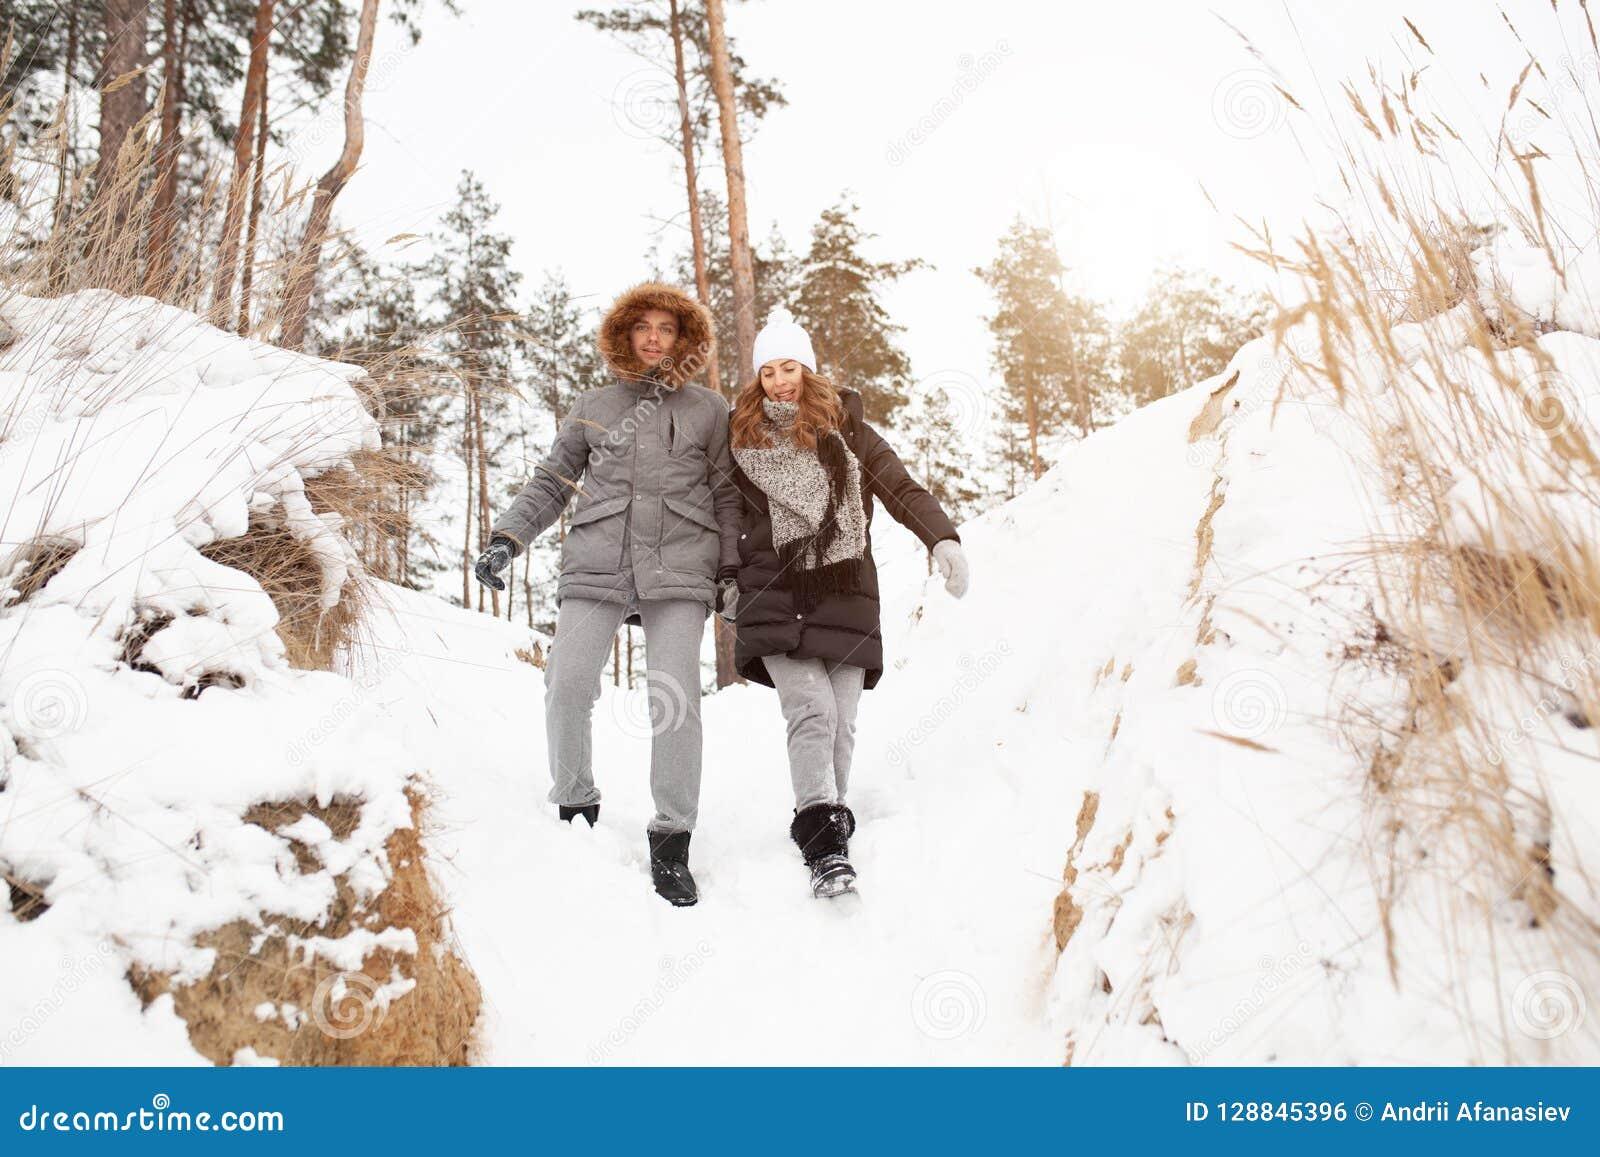 Ein junges Paar, ein Mann und eine Frau gehen in einen schneebedeckten Wald des Winters